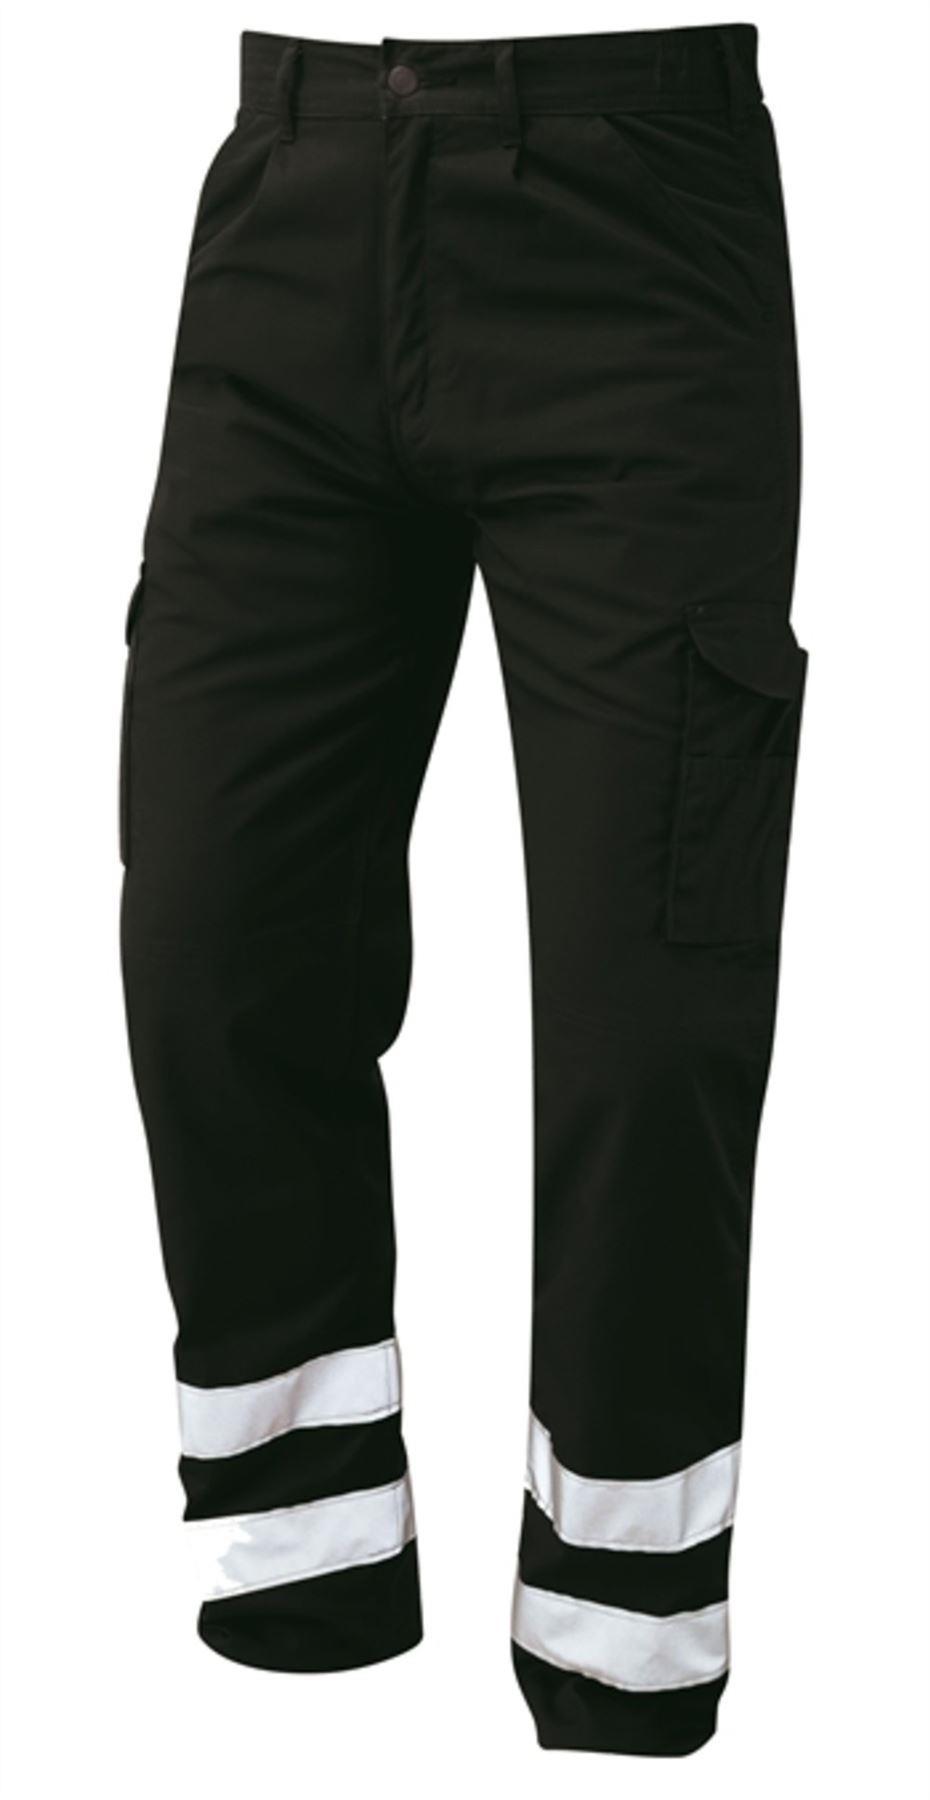 Orn Condor Hi Vis Kneepad Trousers - Black|44W35L